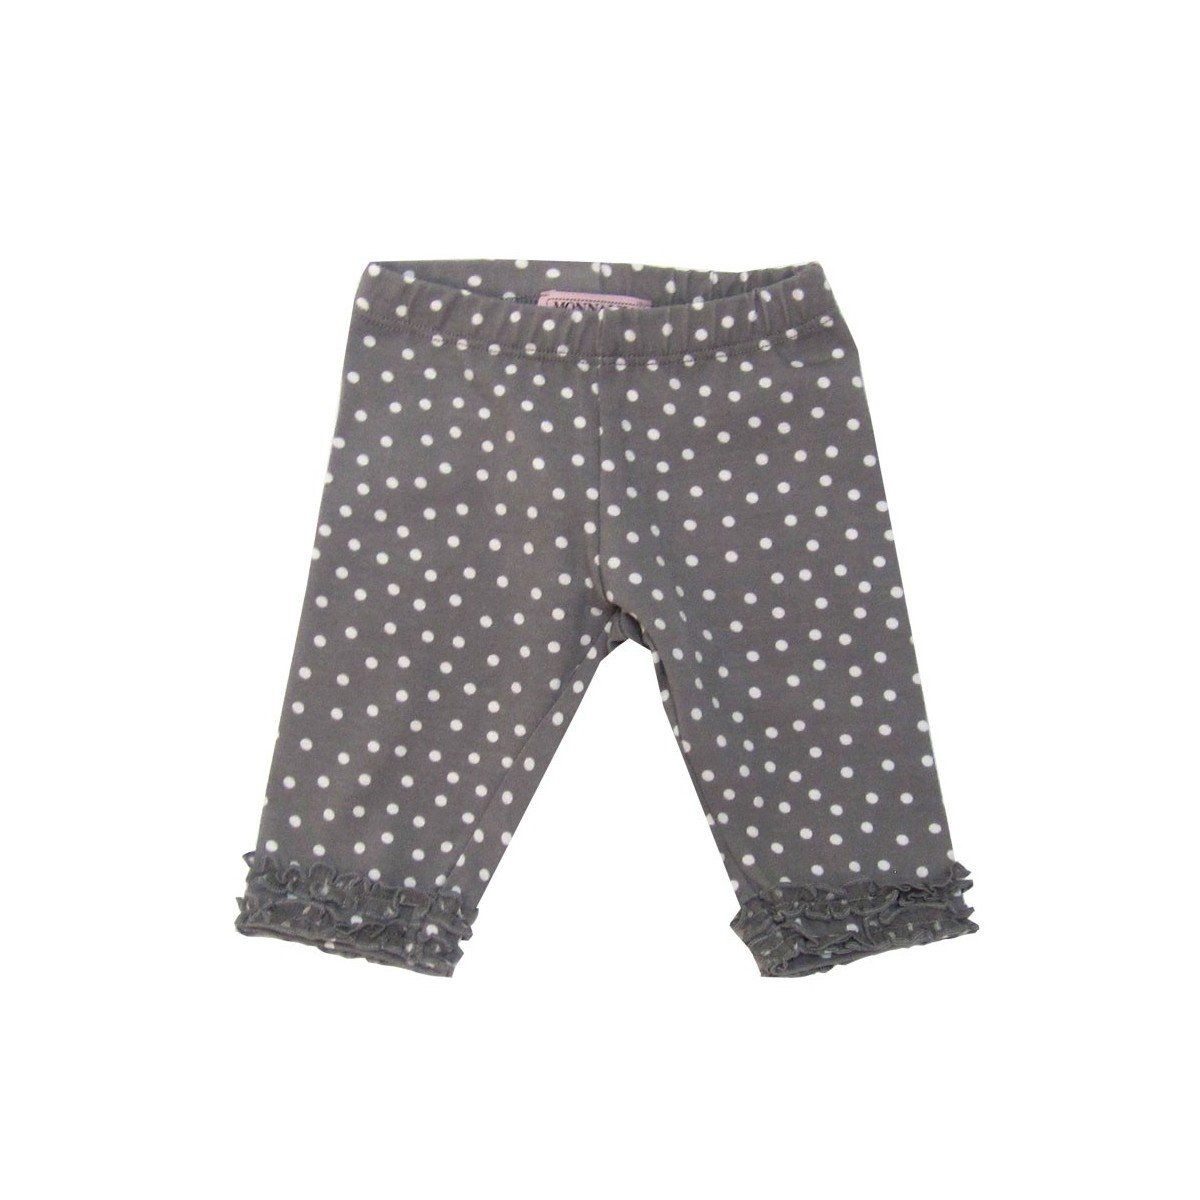 Monnalisa Baby Girls Polkadot Top with Legging Set 313501-6-$P